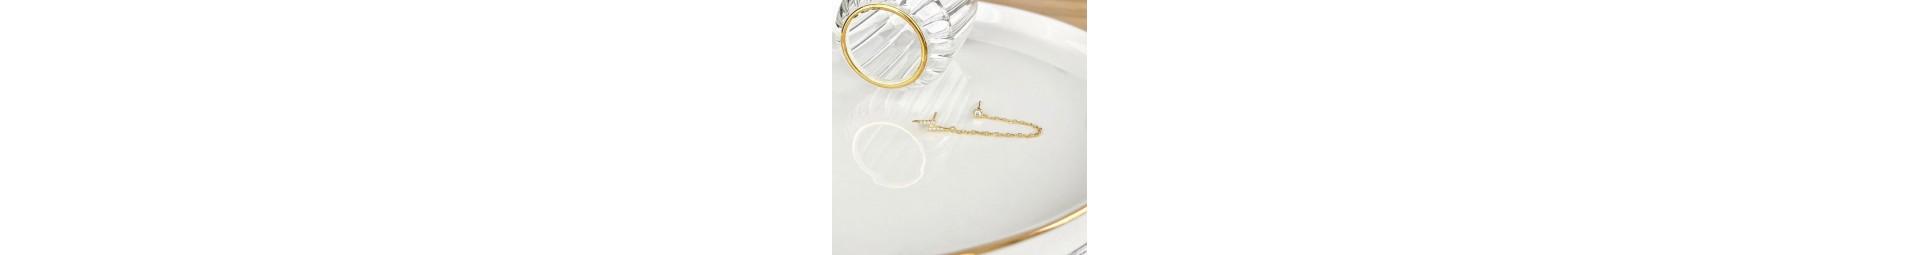 Boucles d'oreilles originales pour femme en argent ou en or - La Petite Tribu